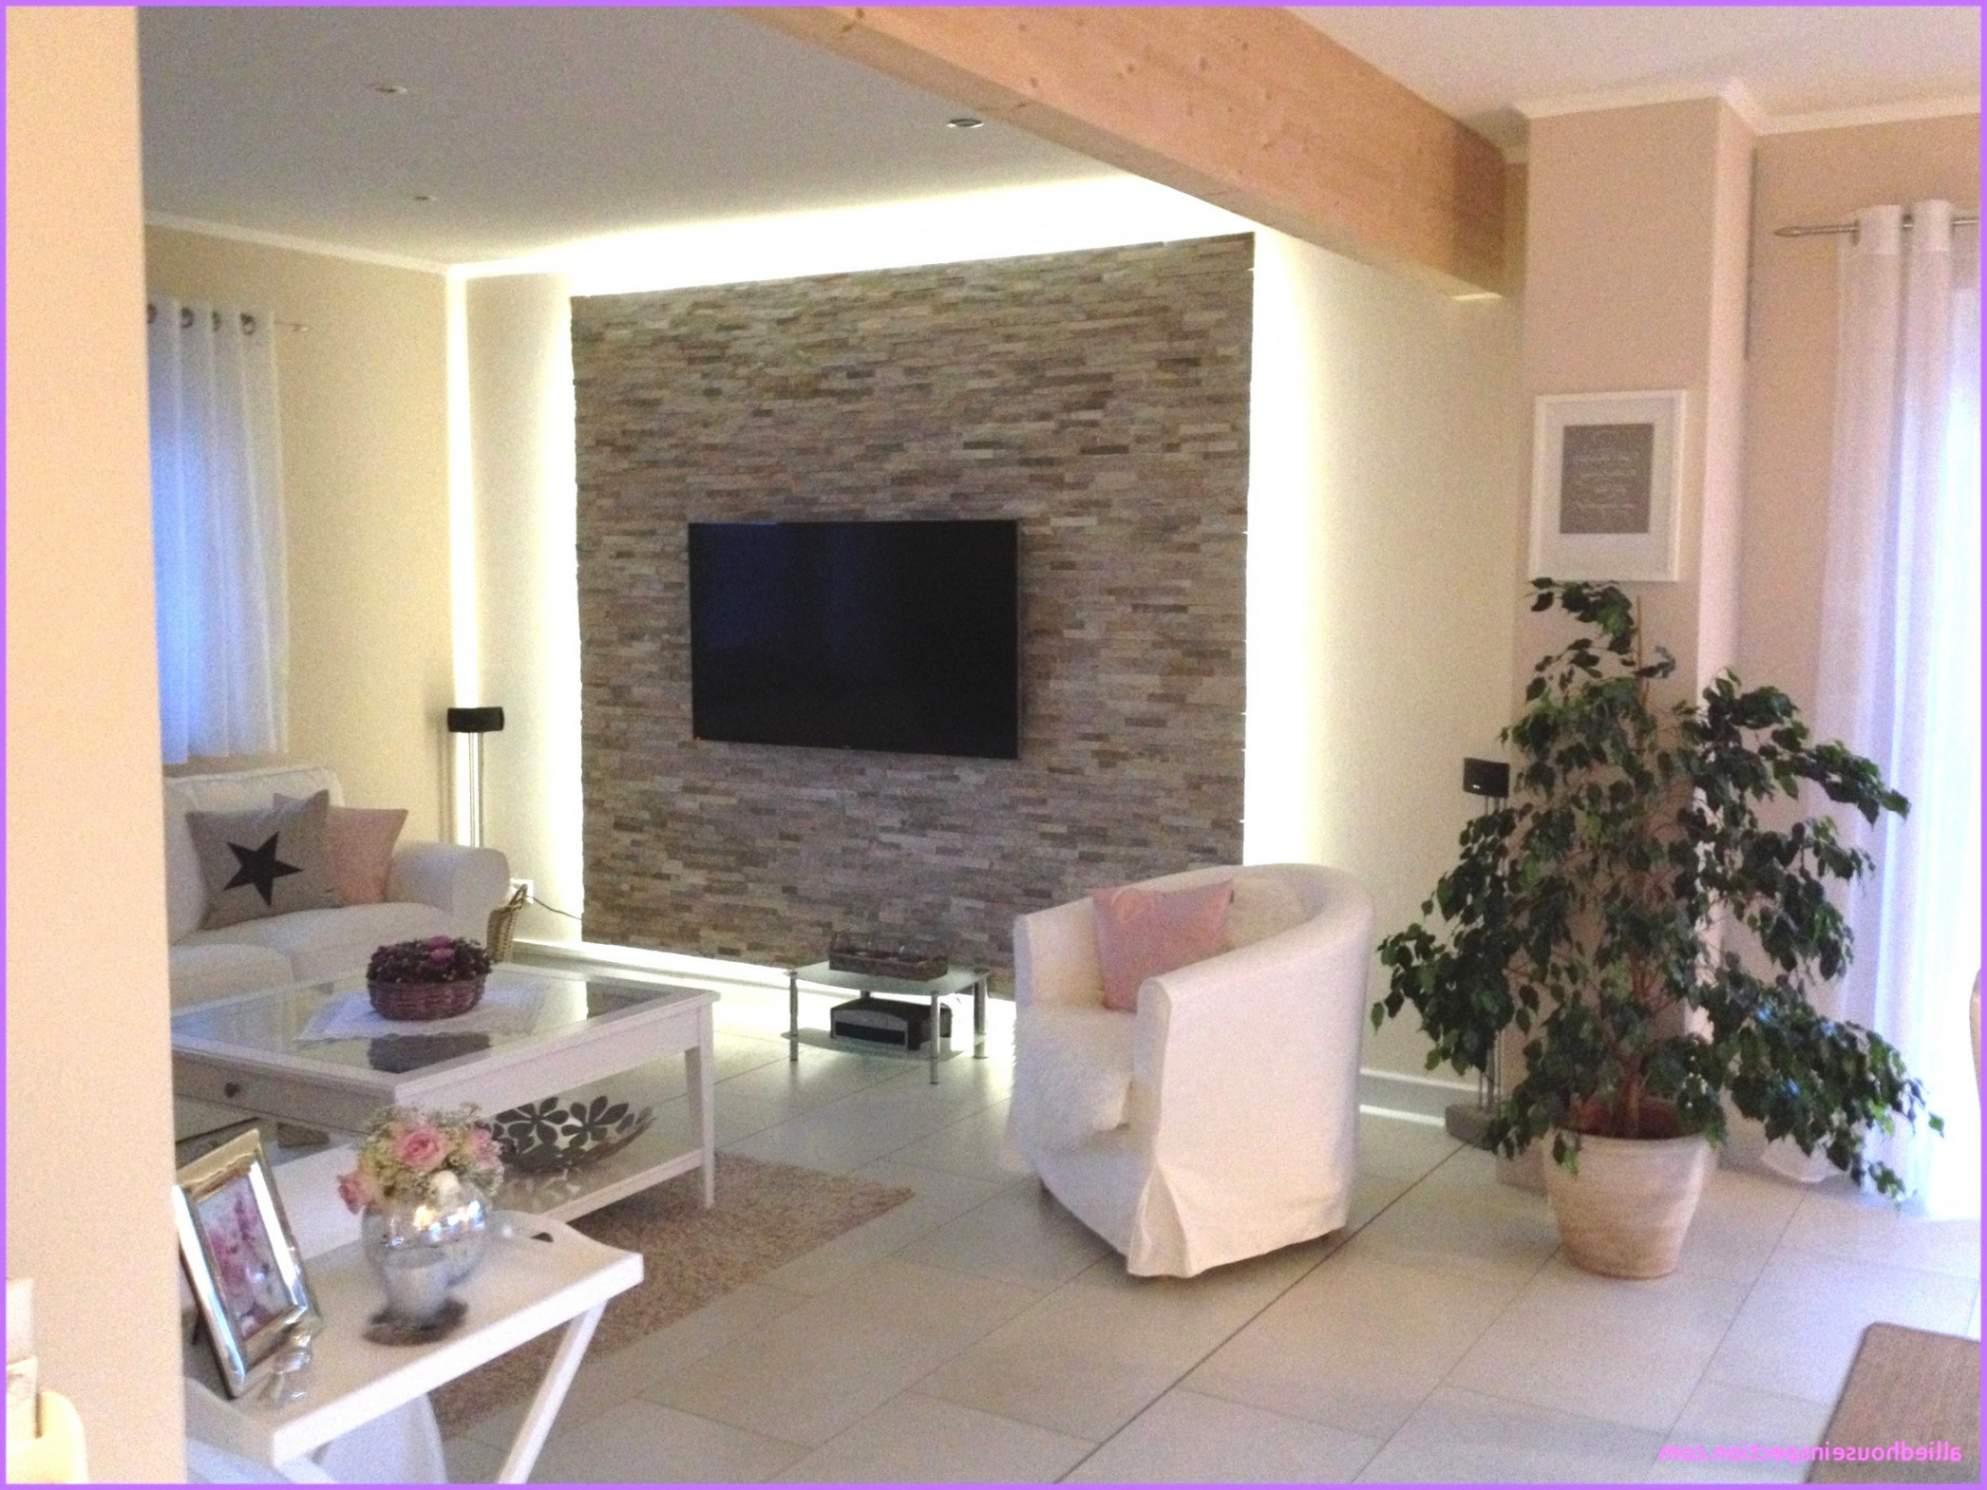 bilder von der mitte des jahrhunderts moderne wohnzimmer wohnzimmer ideen wandgestaltung wohnzimmer ideen wandgestaltung